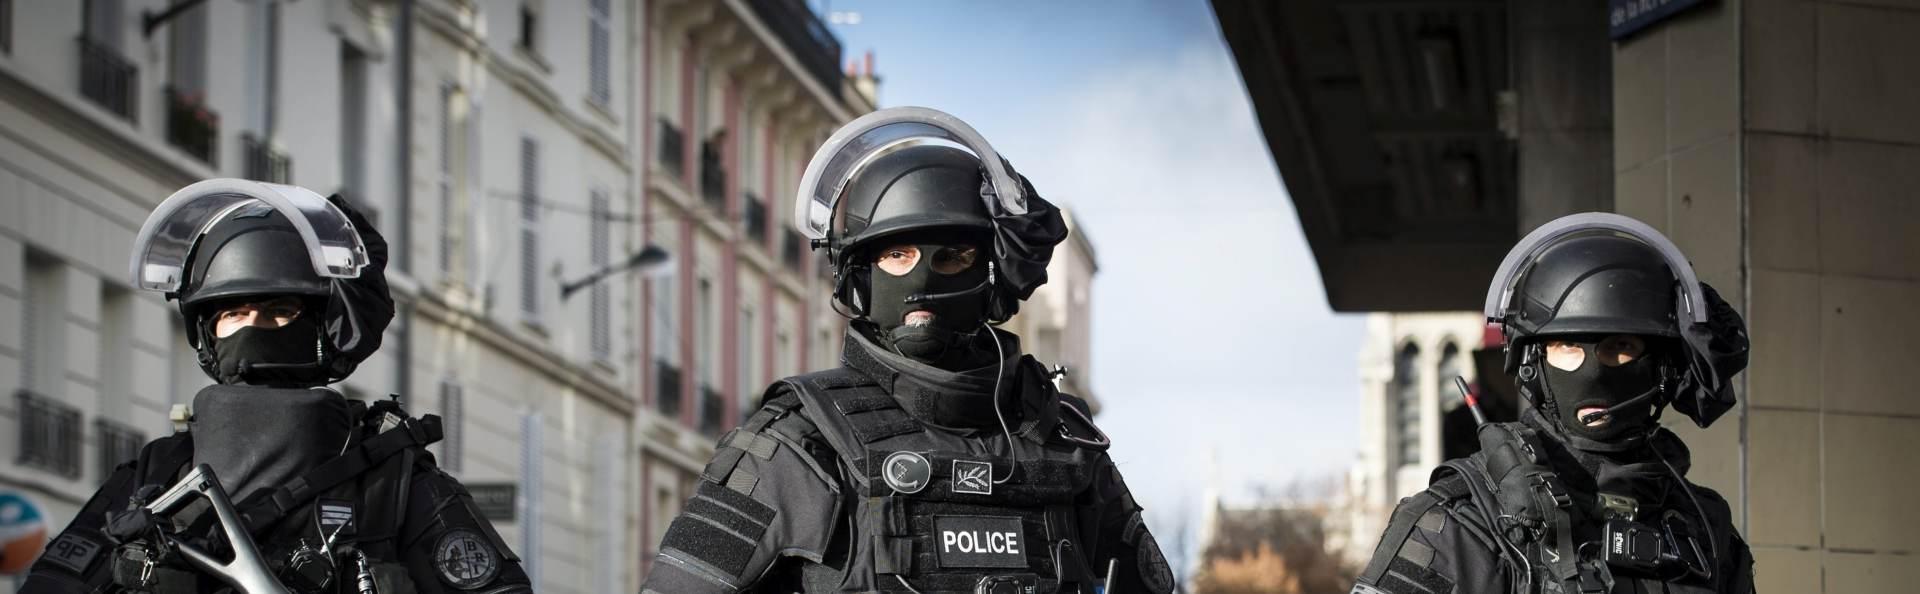 UZBUNA U LONDONU: Policija blokirala ceste i podigla helikoptere, trojac iz sumnjivog auta uhićen zbog krađe